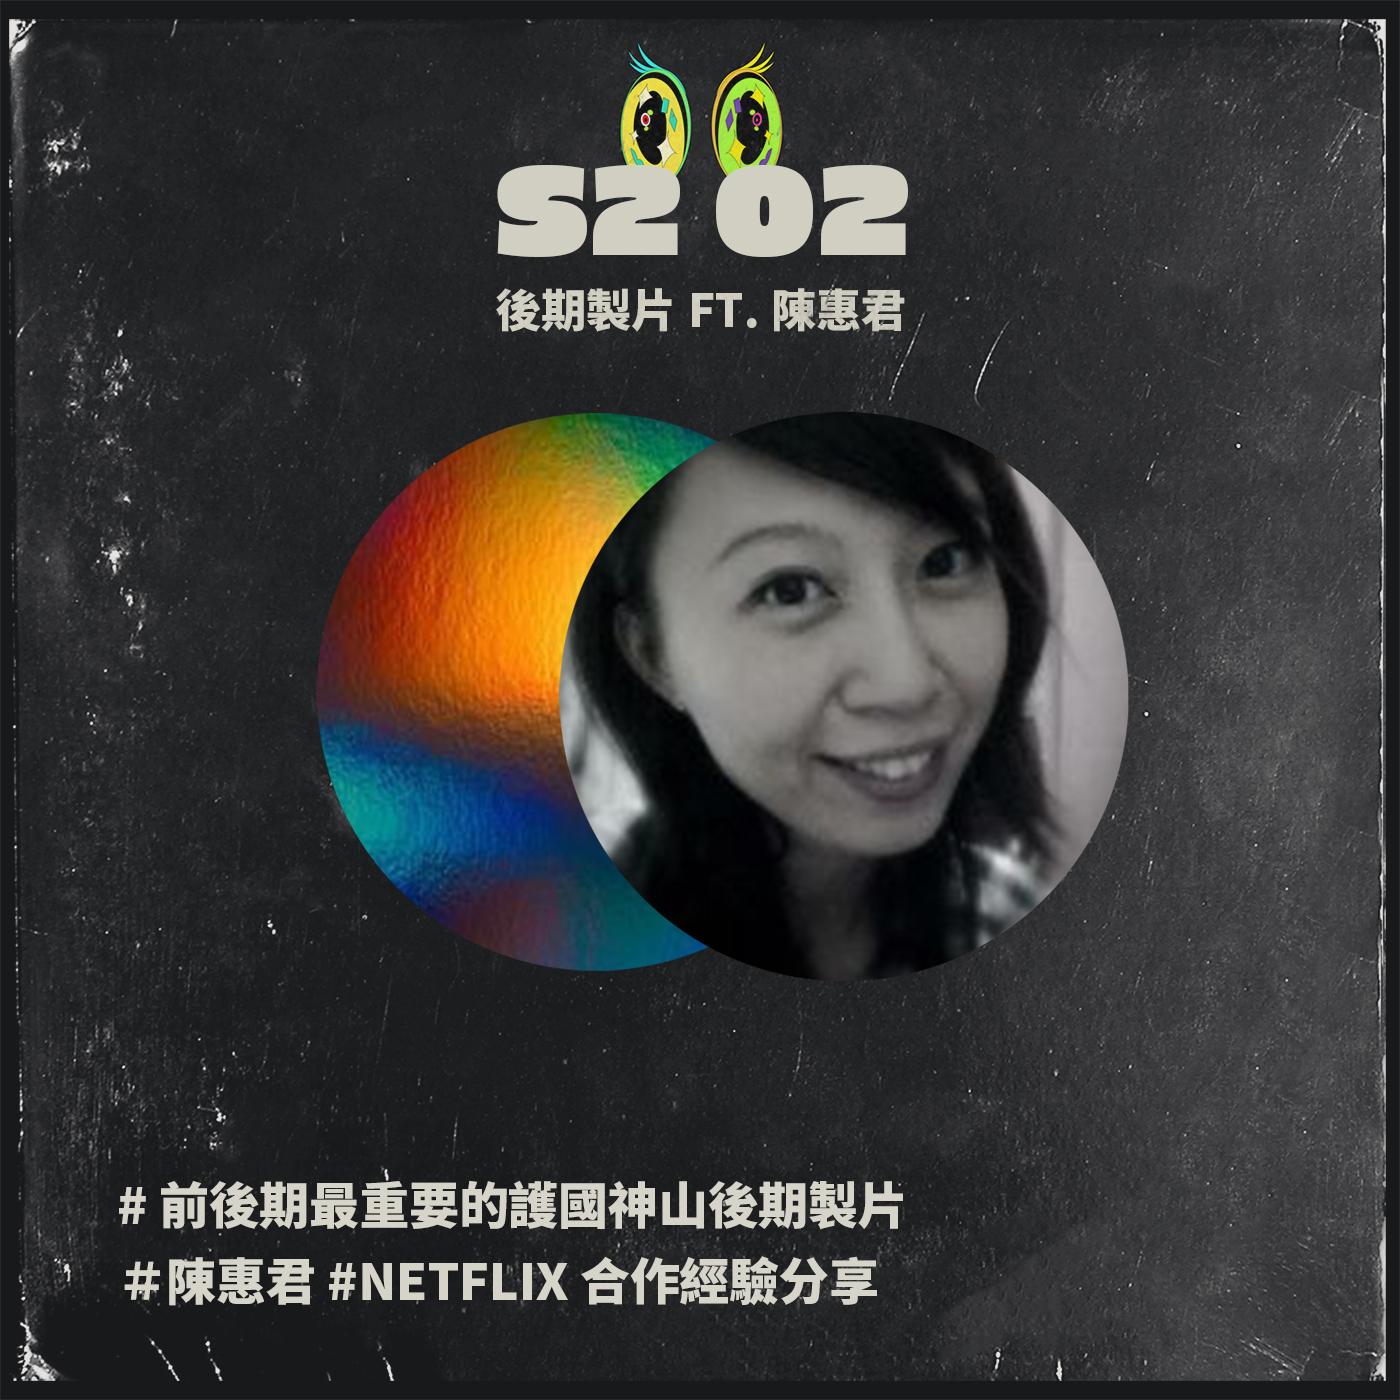 S2 02 #前後期最重要的護國神山後期製片#陳惠君 #netflix 合作經驗分享